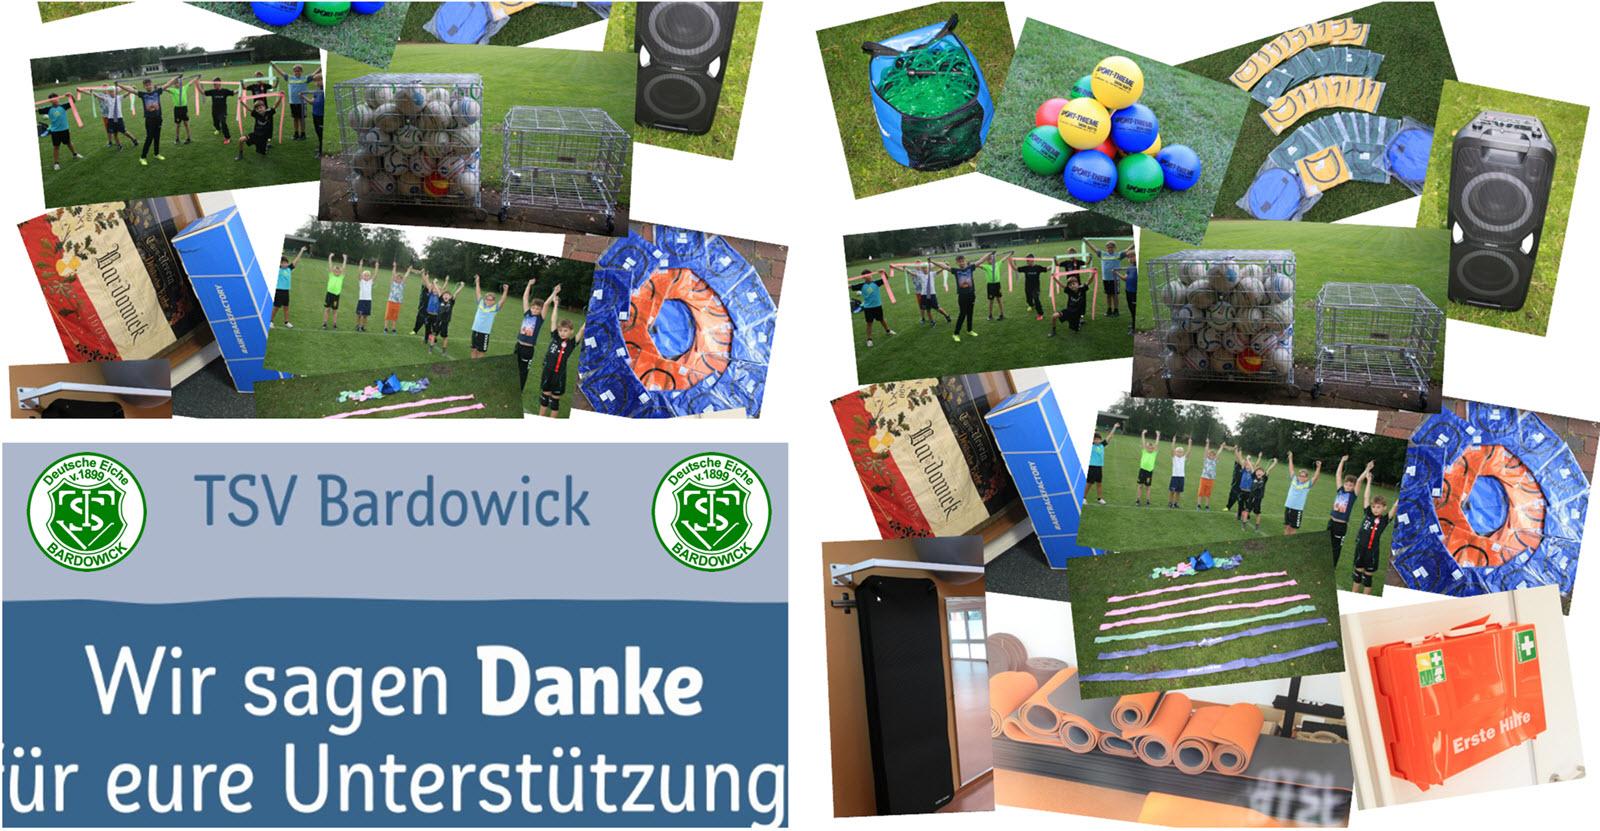 Der TSV Bardowick bedankt sich bei den besten Mitgliedern und Fans der Welt